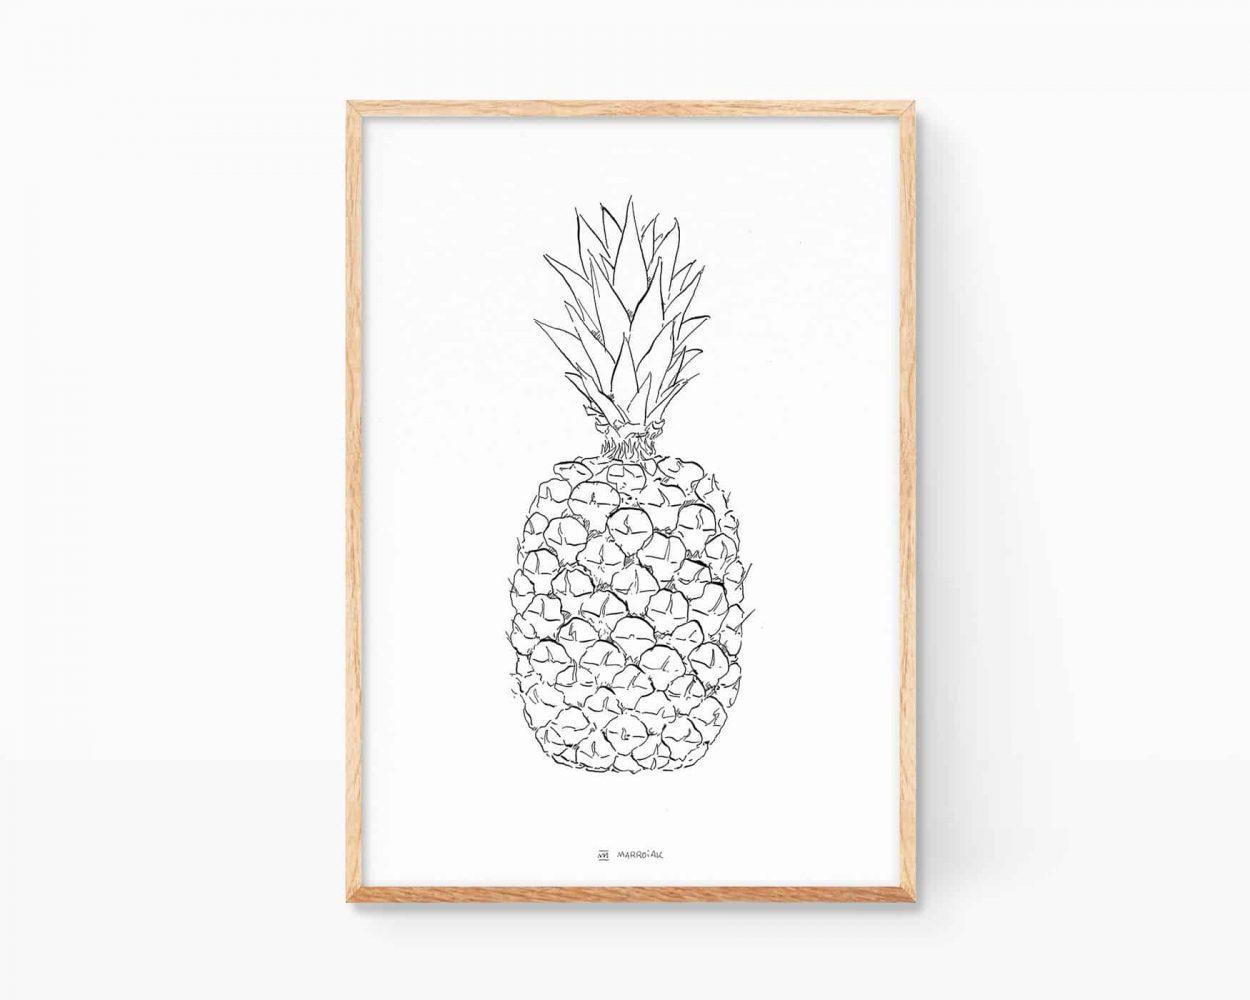 Lámina decorativa para cocinas, fruterías y zumerías con una ilustración en blanco y negro de una piña. Cuadros para enmarcar online